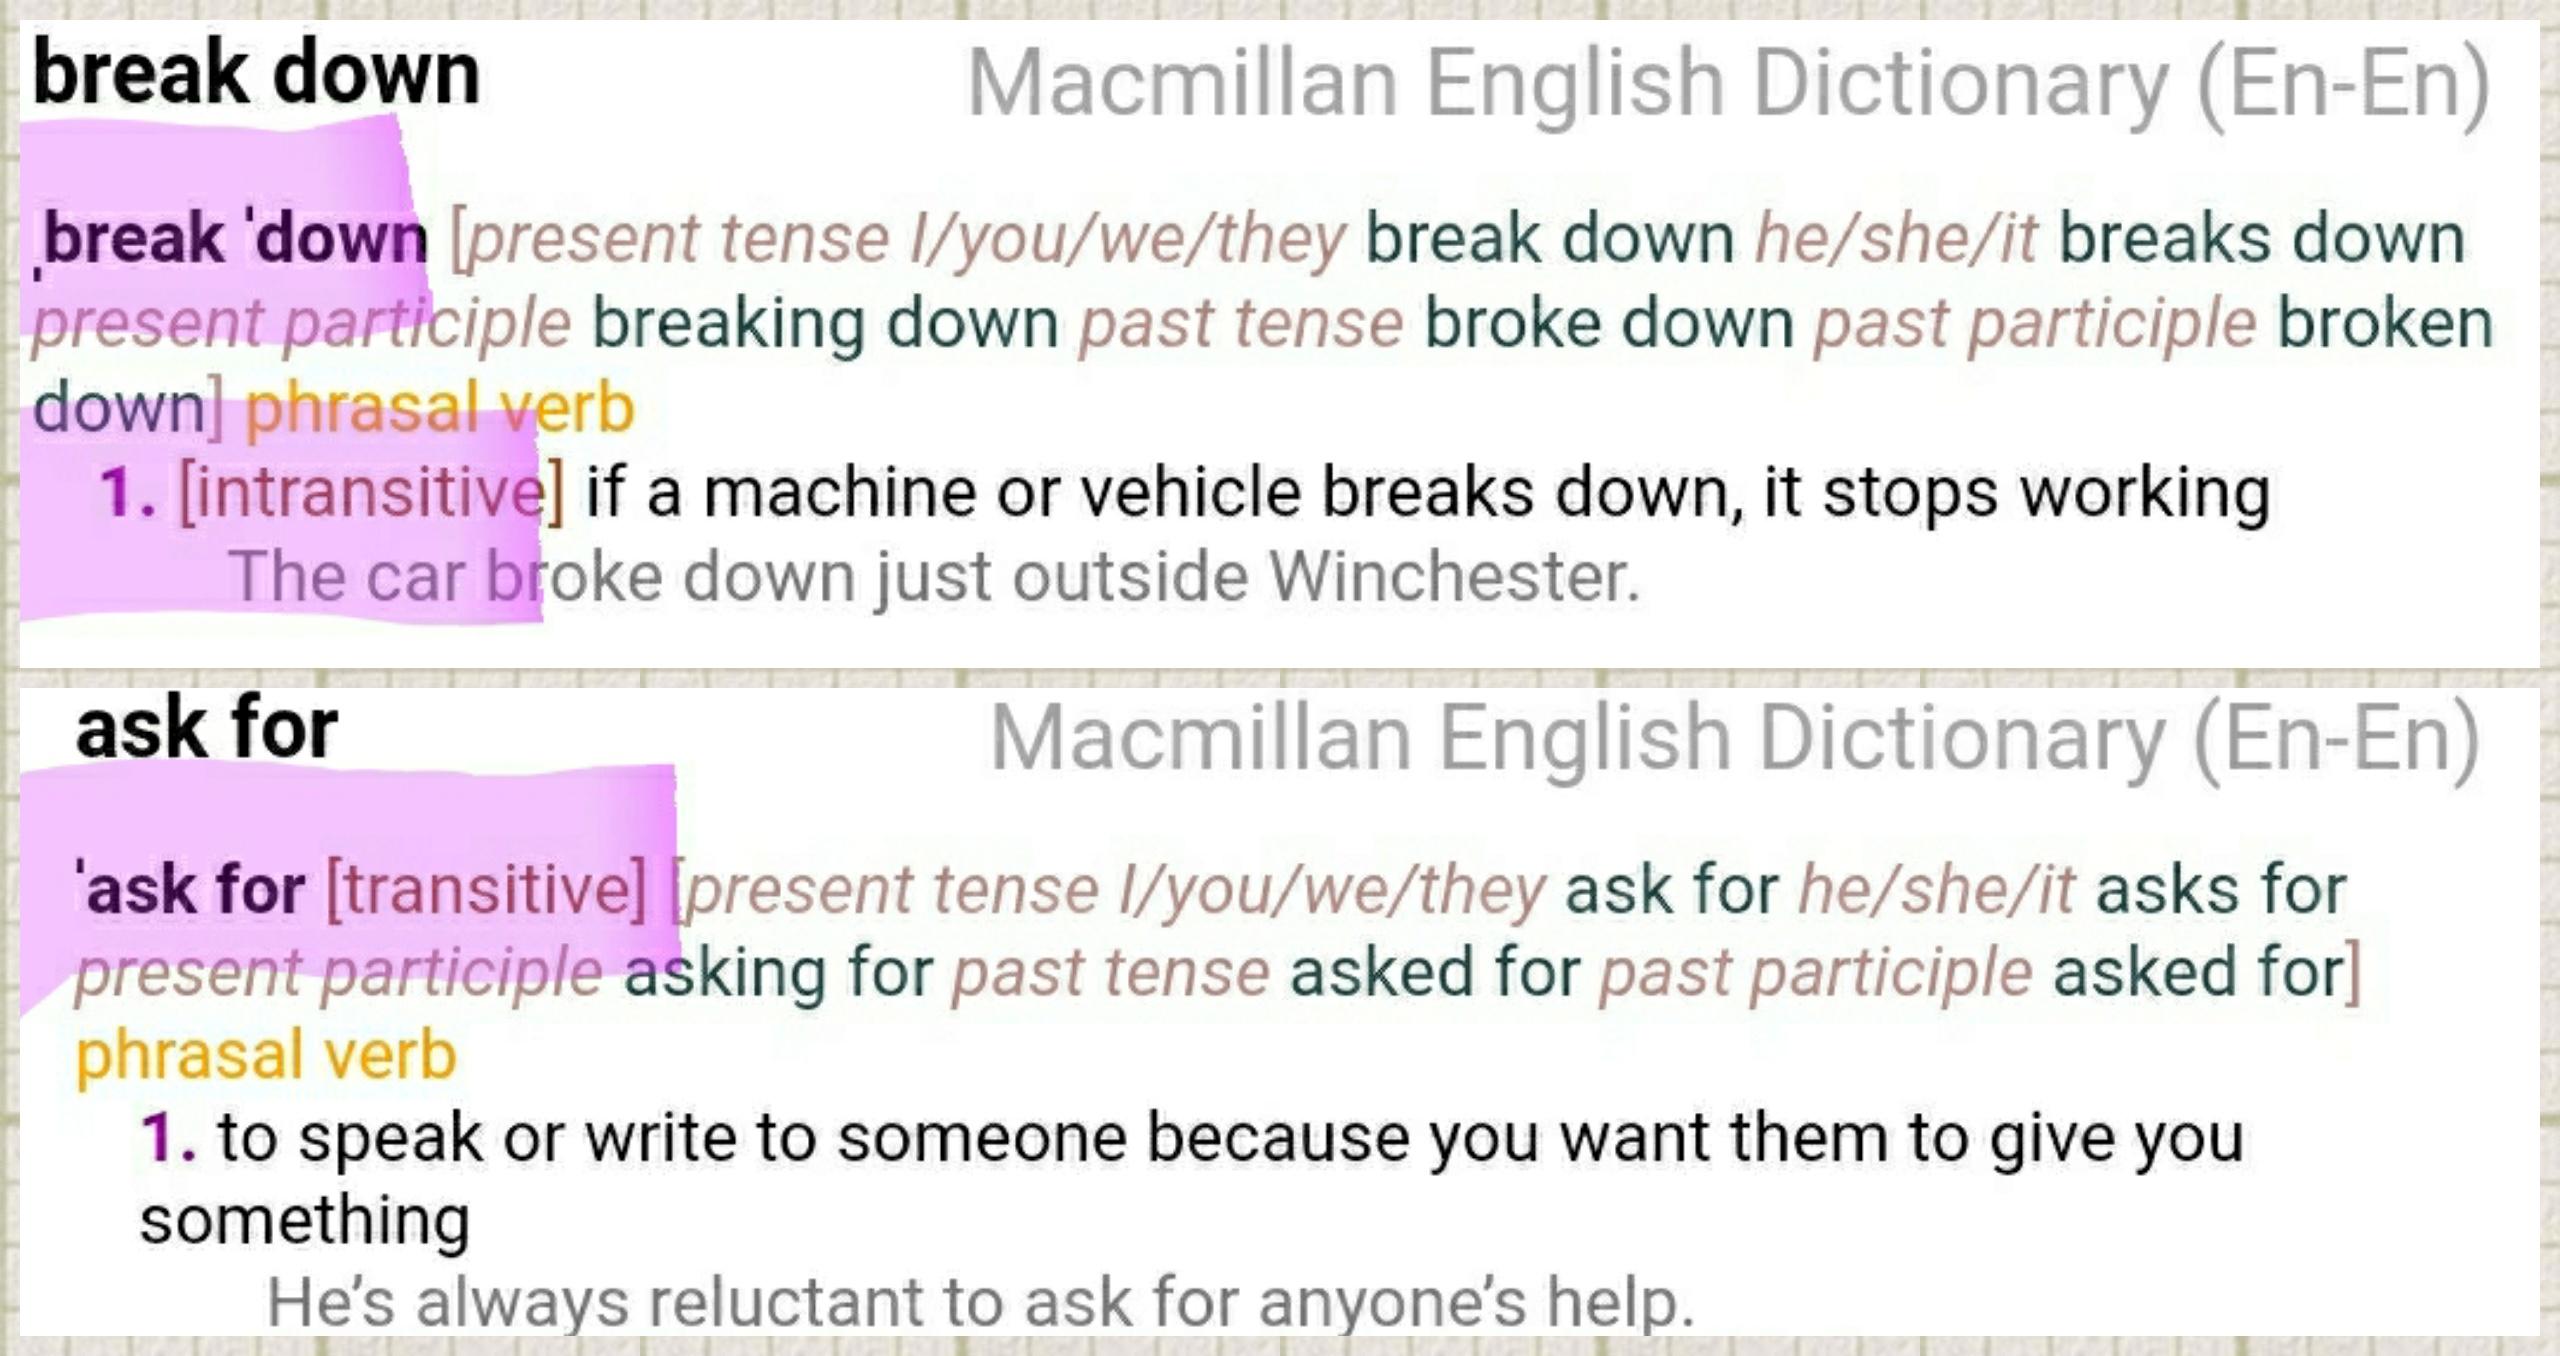 Пример работы со словарем